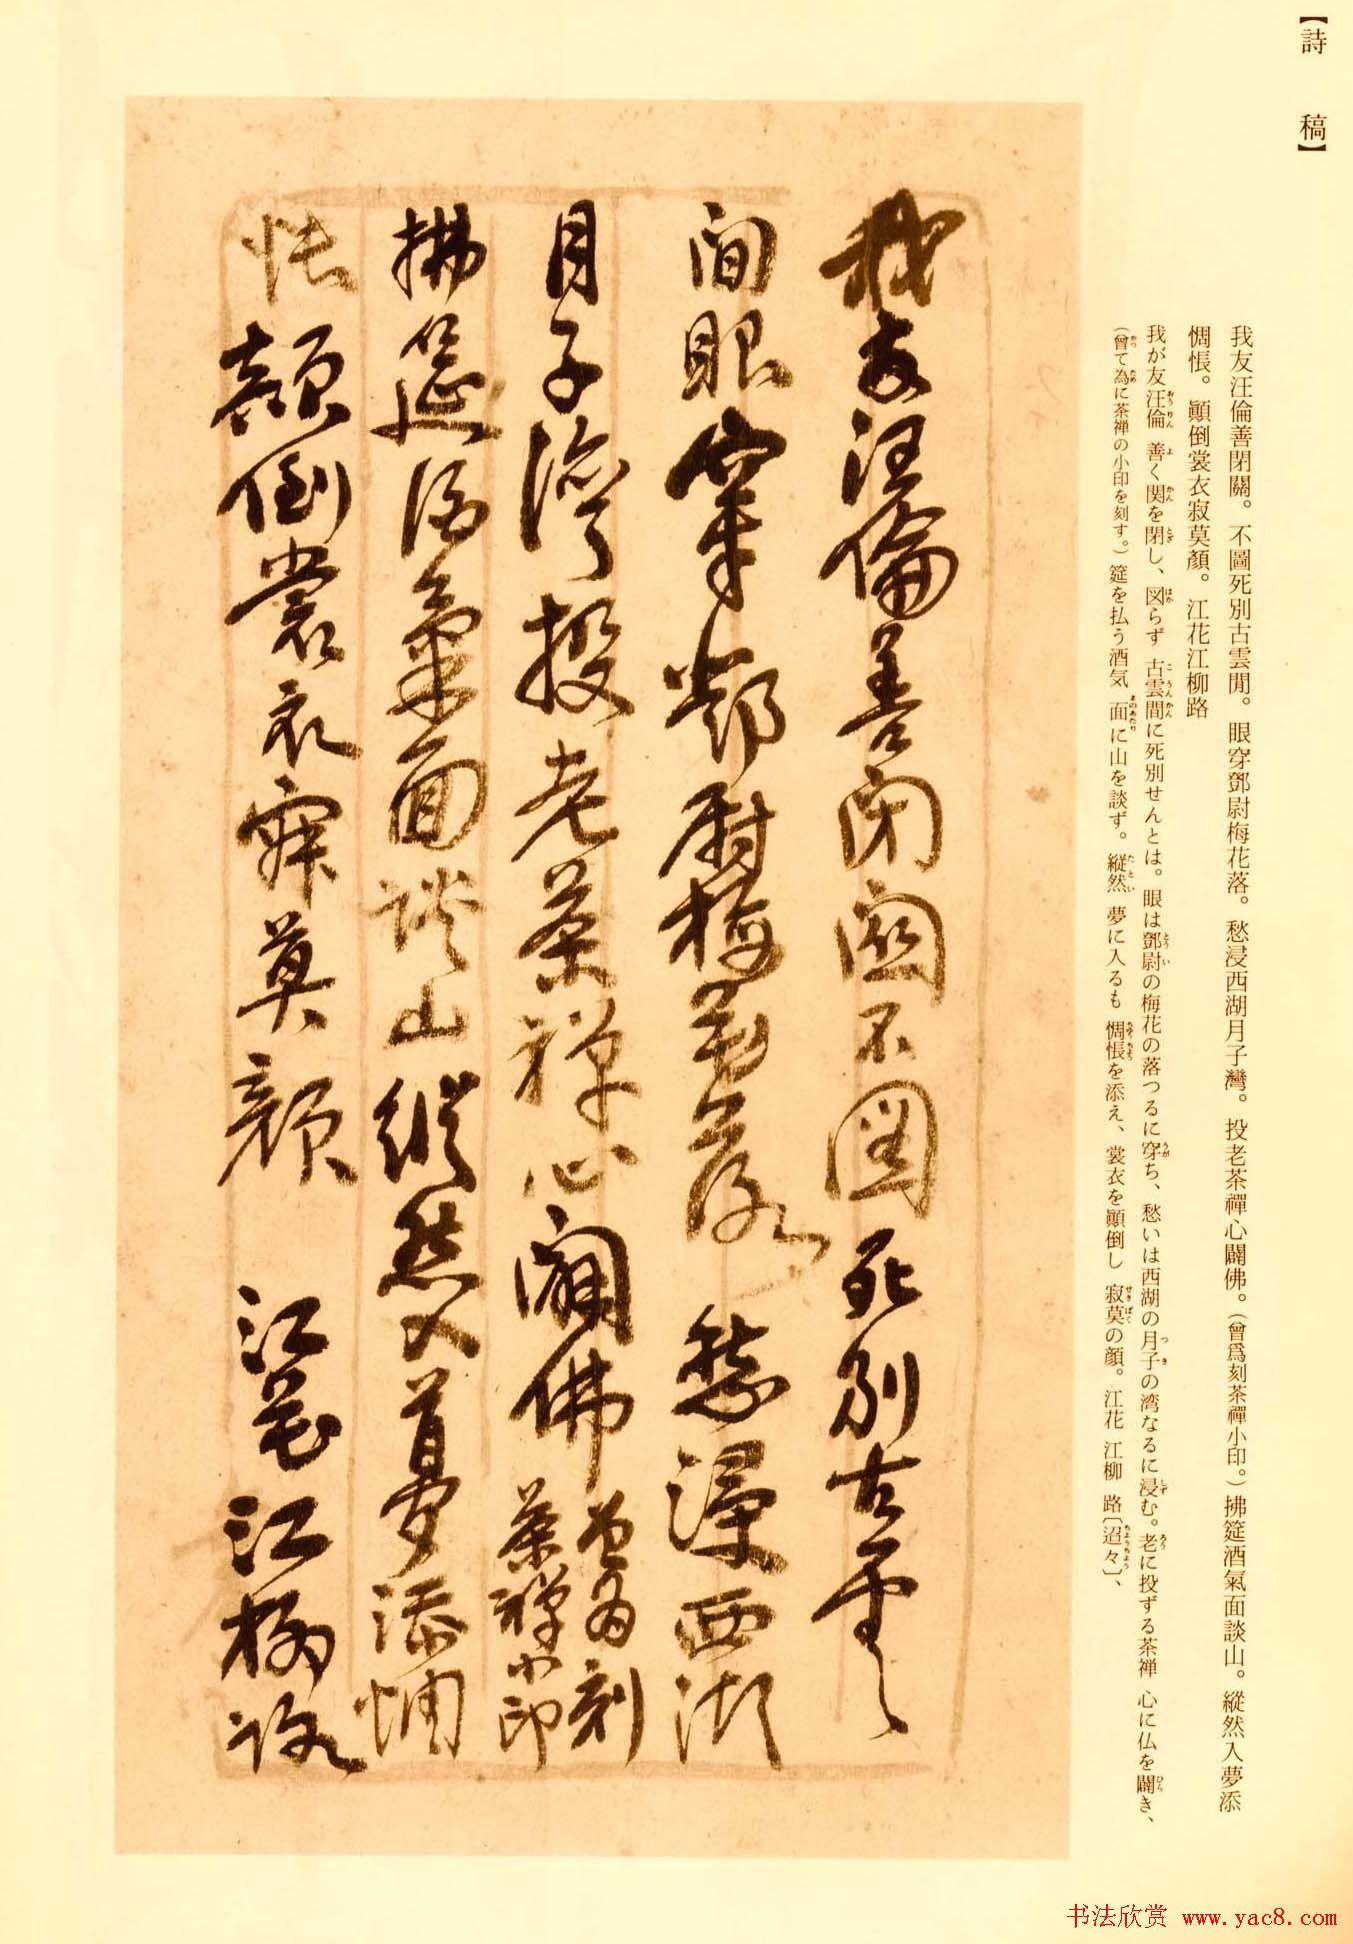 吴昌硕行草书法手迹欣赏《诗稿》